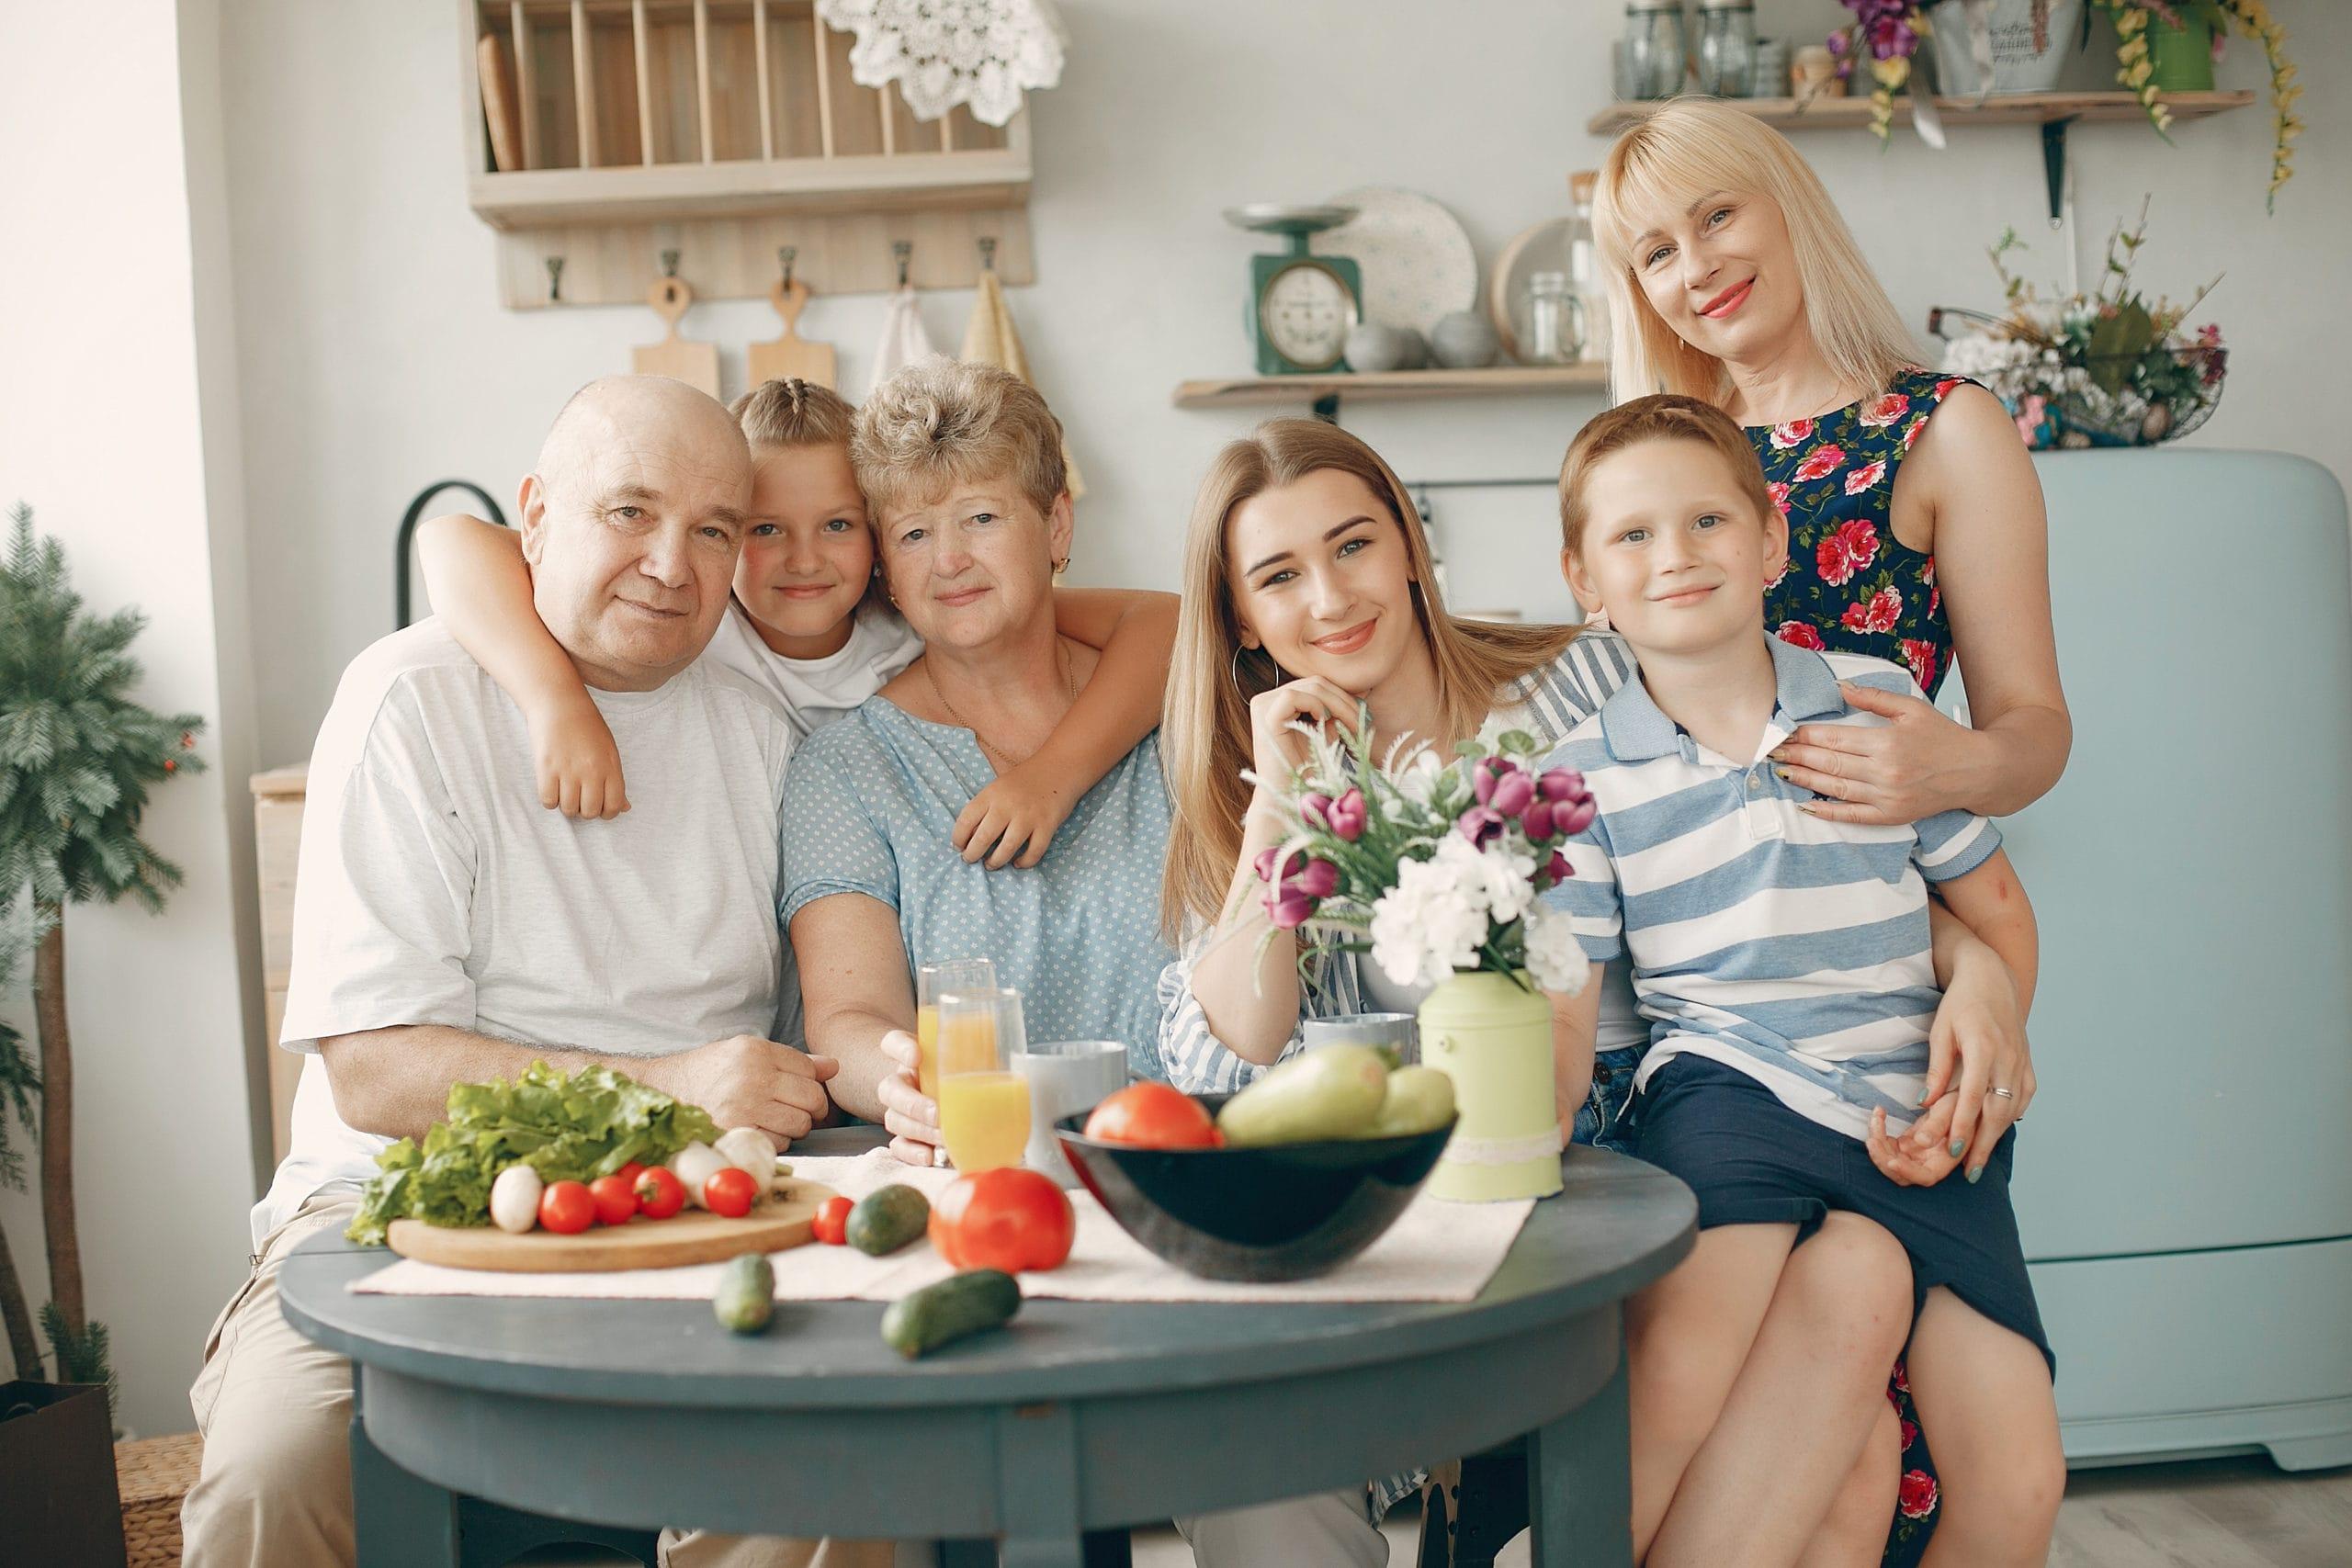 Die individuelle Konstitution beeinflusst die Gesundheit - ältere Menschen brauchen eine anderen Ernährung als jüngere.